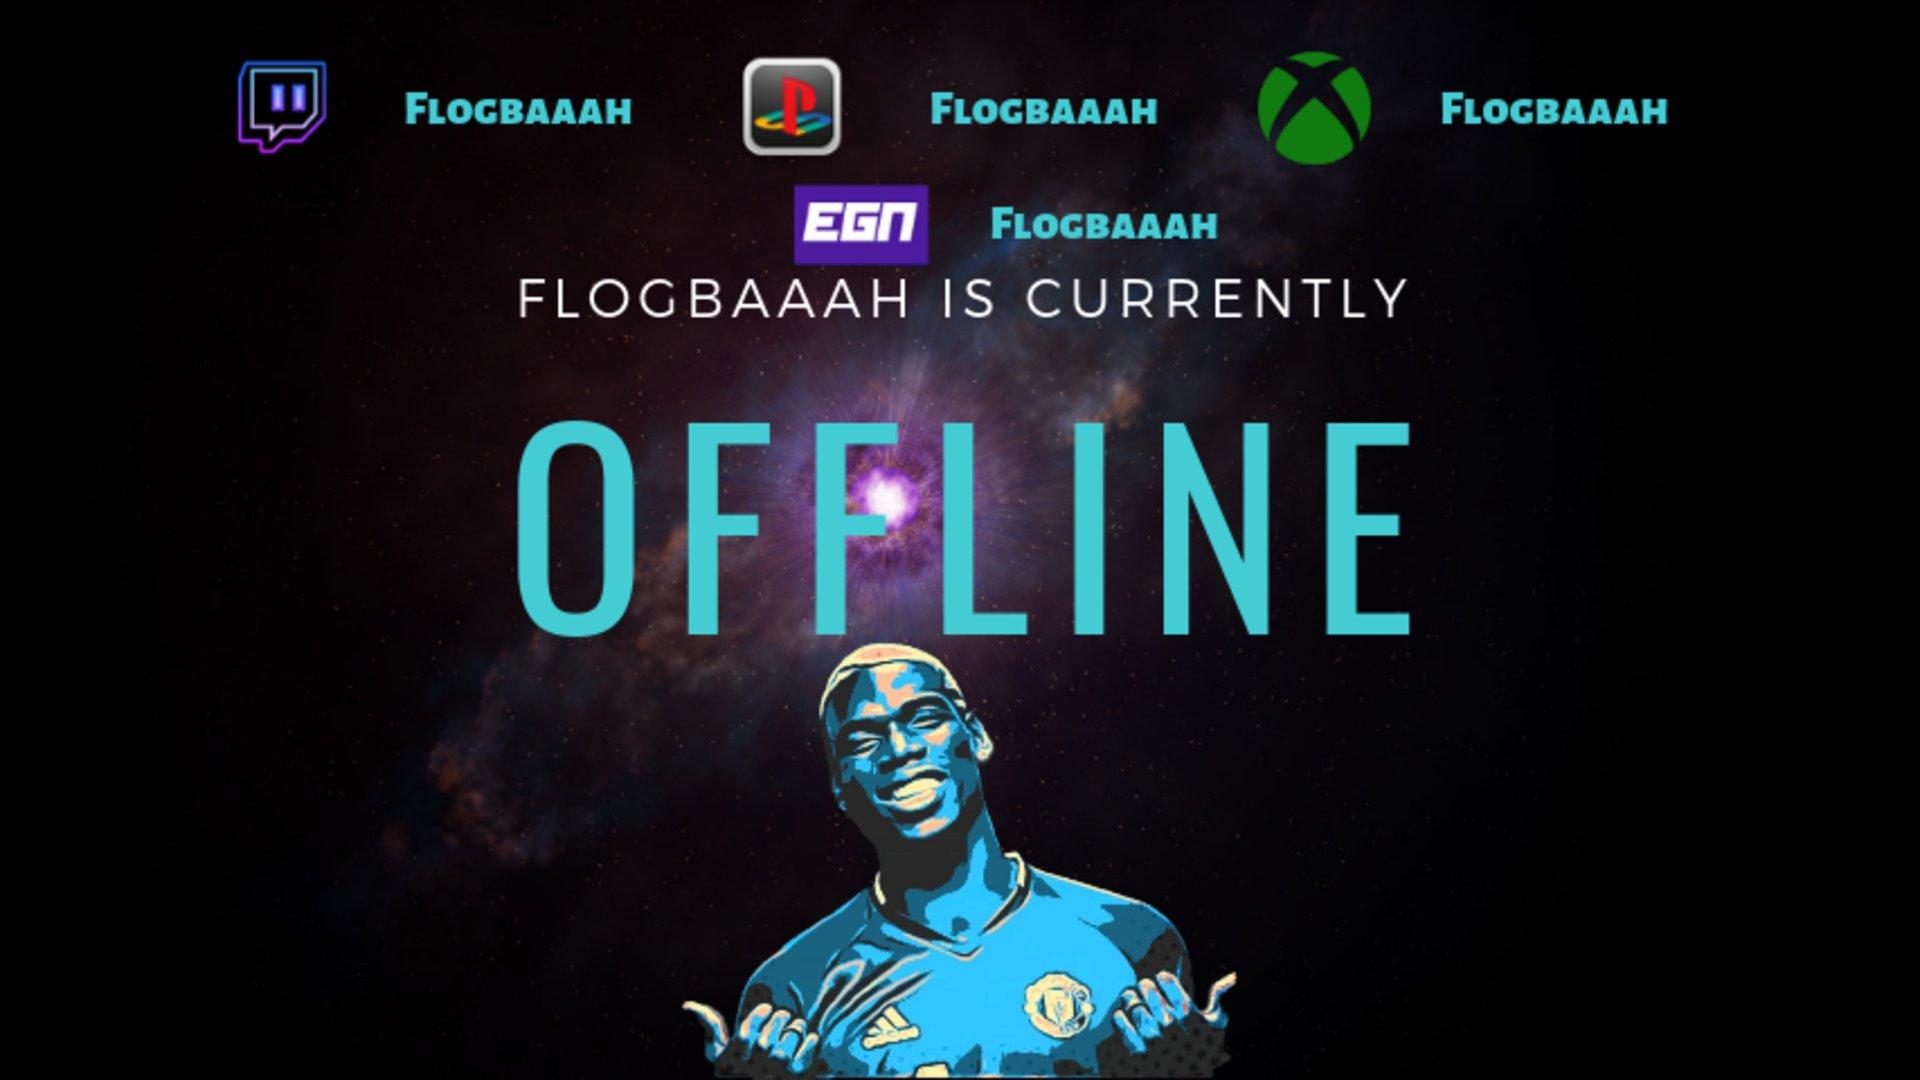 Flogbaaah